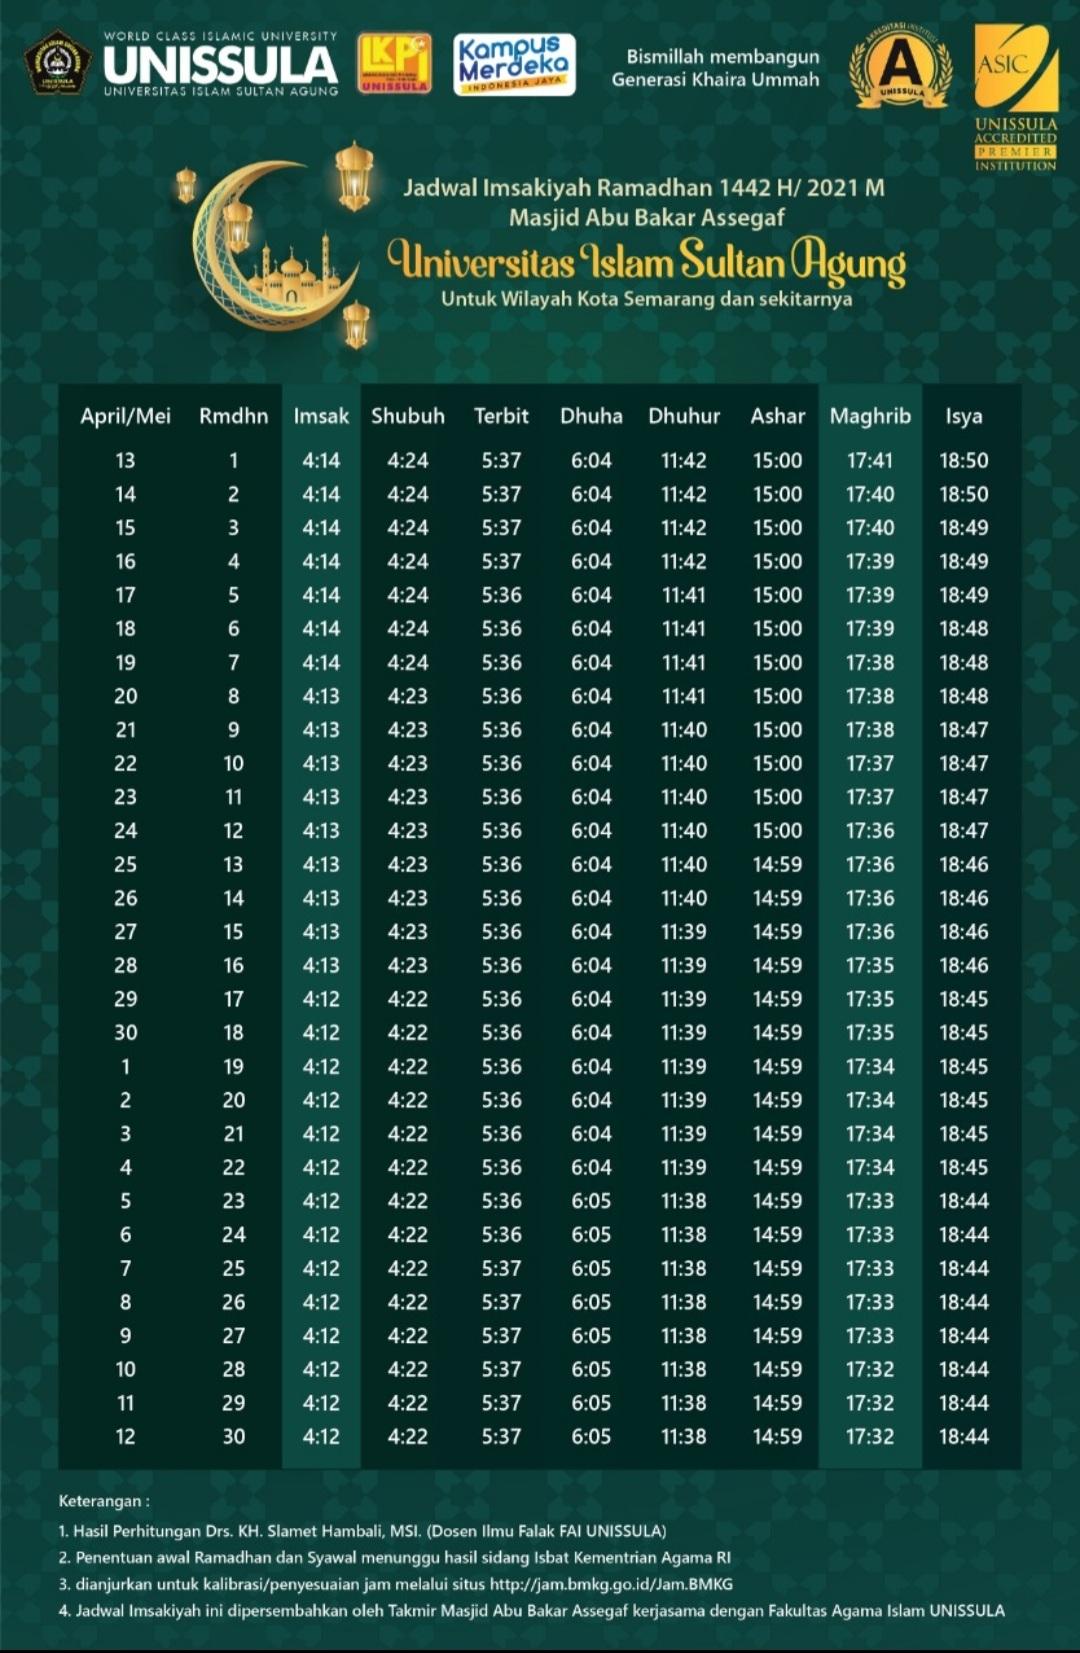 jadwal imsakiyah ramadhan 1442 hijriyah kota semarang